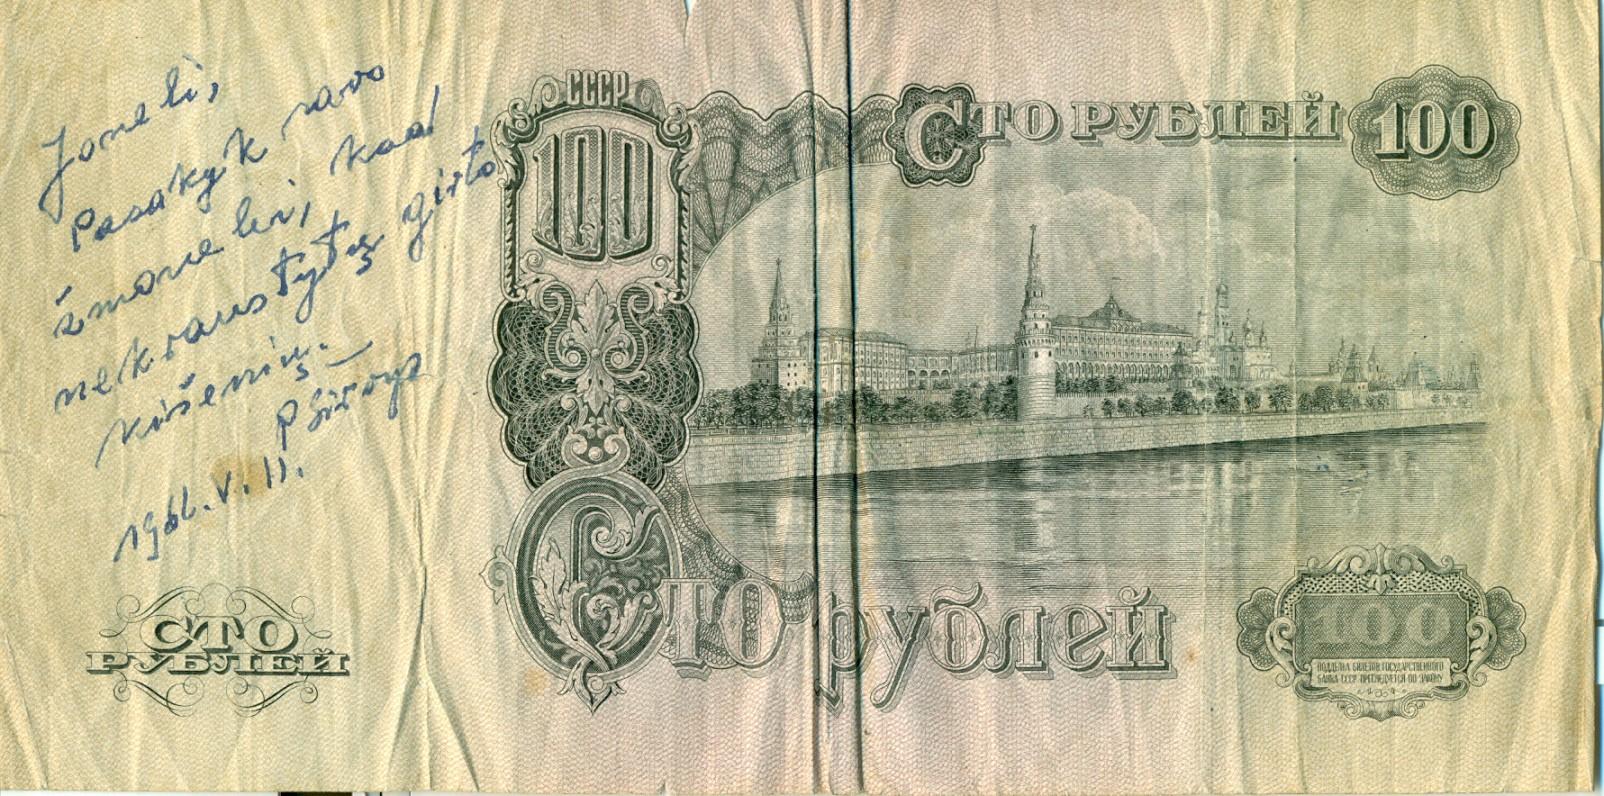 P. Širvio laiškelis poetui Jonui Šiožiniui. Vilnius, 1961 m. gegužės 11 d.